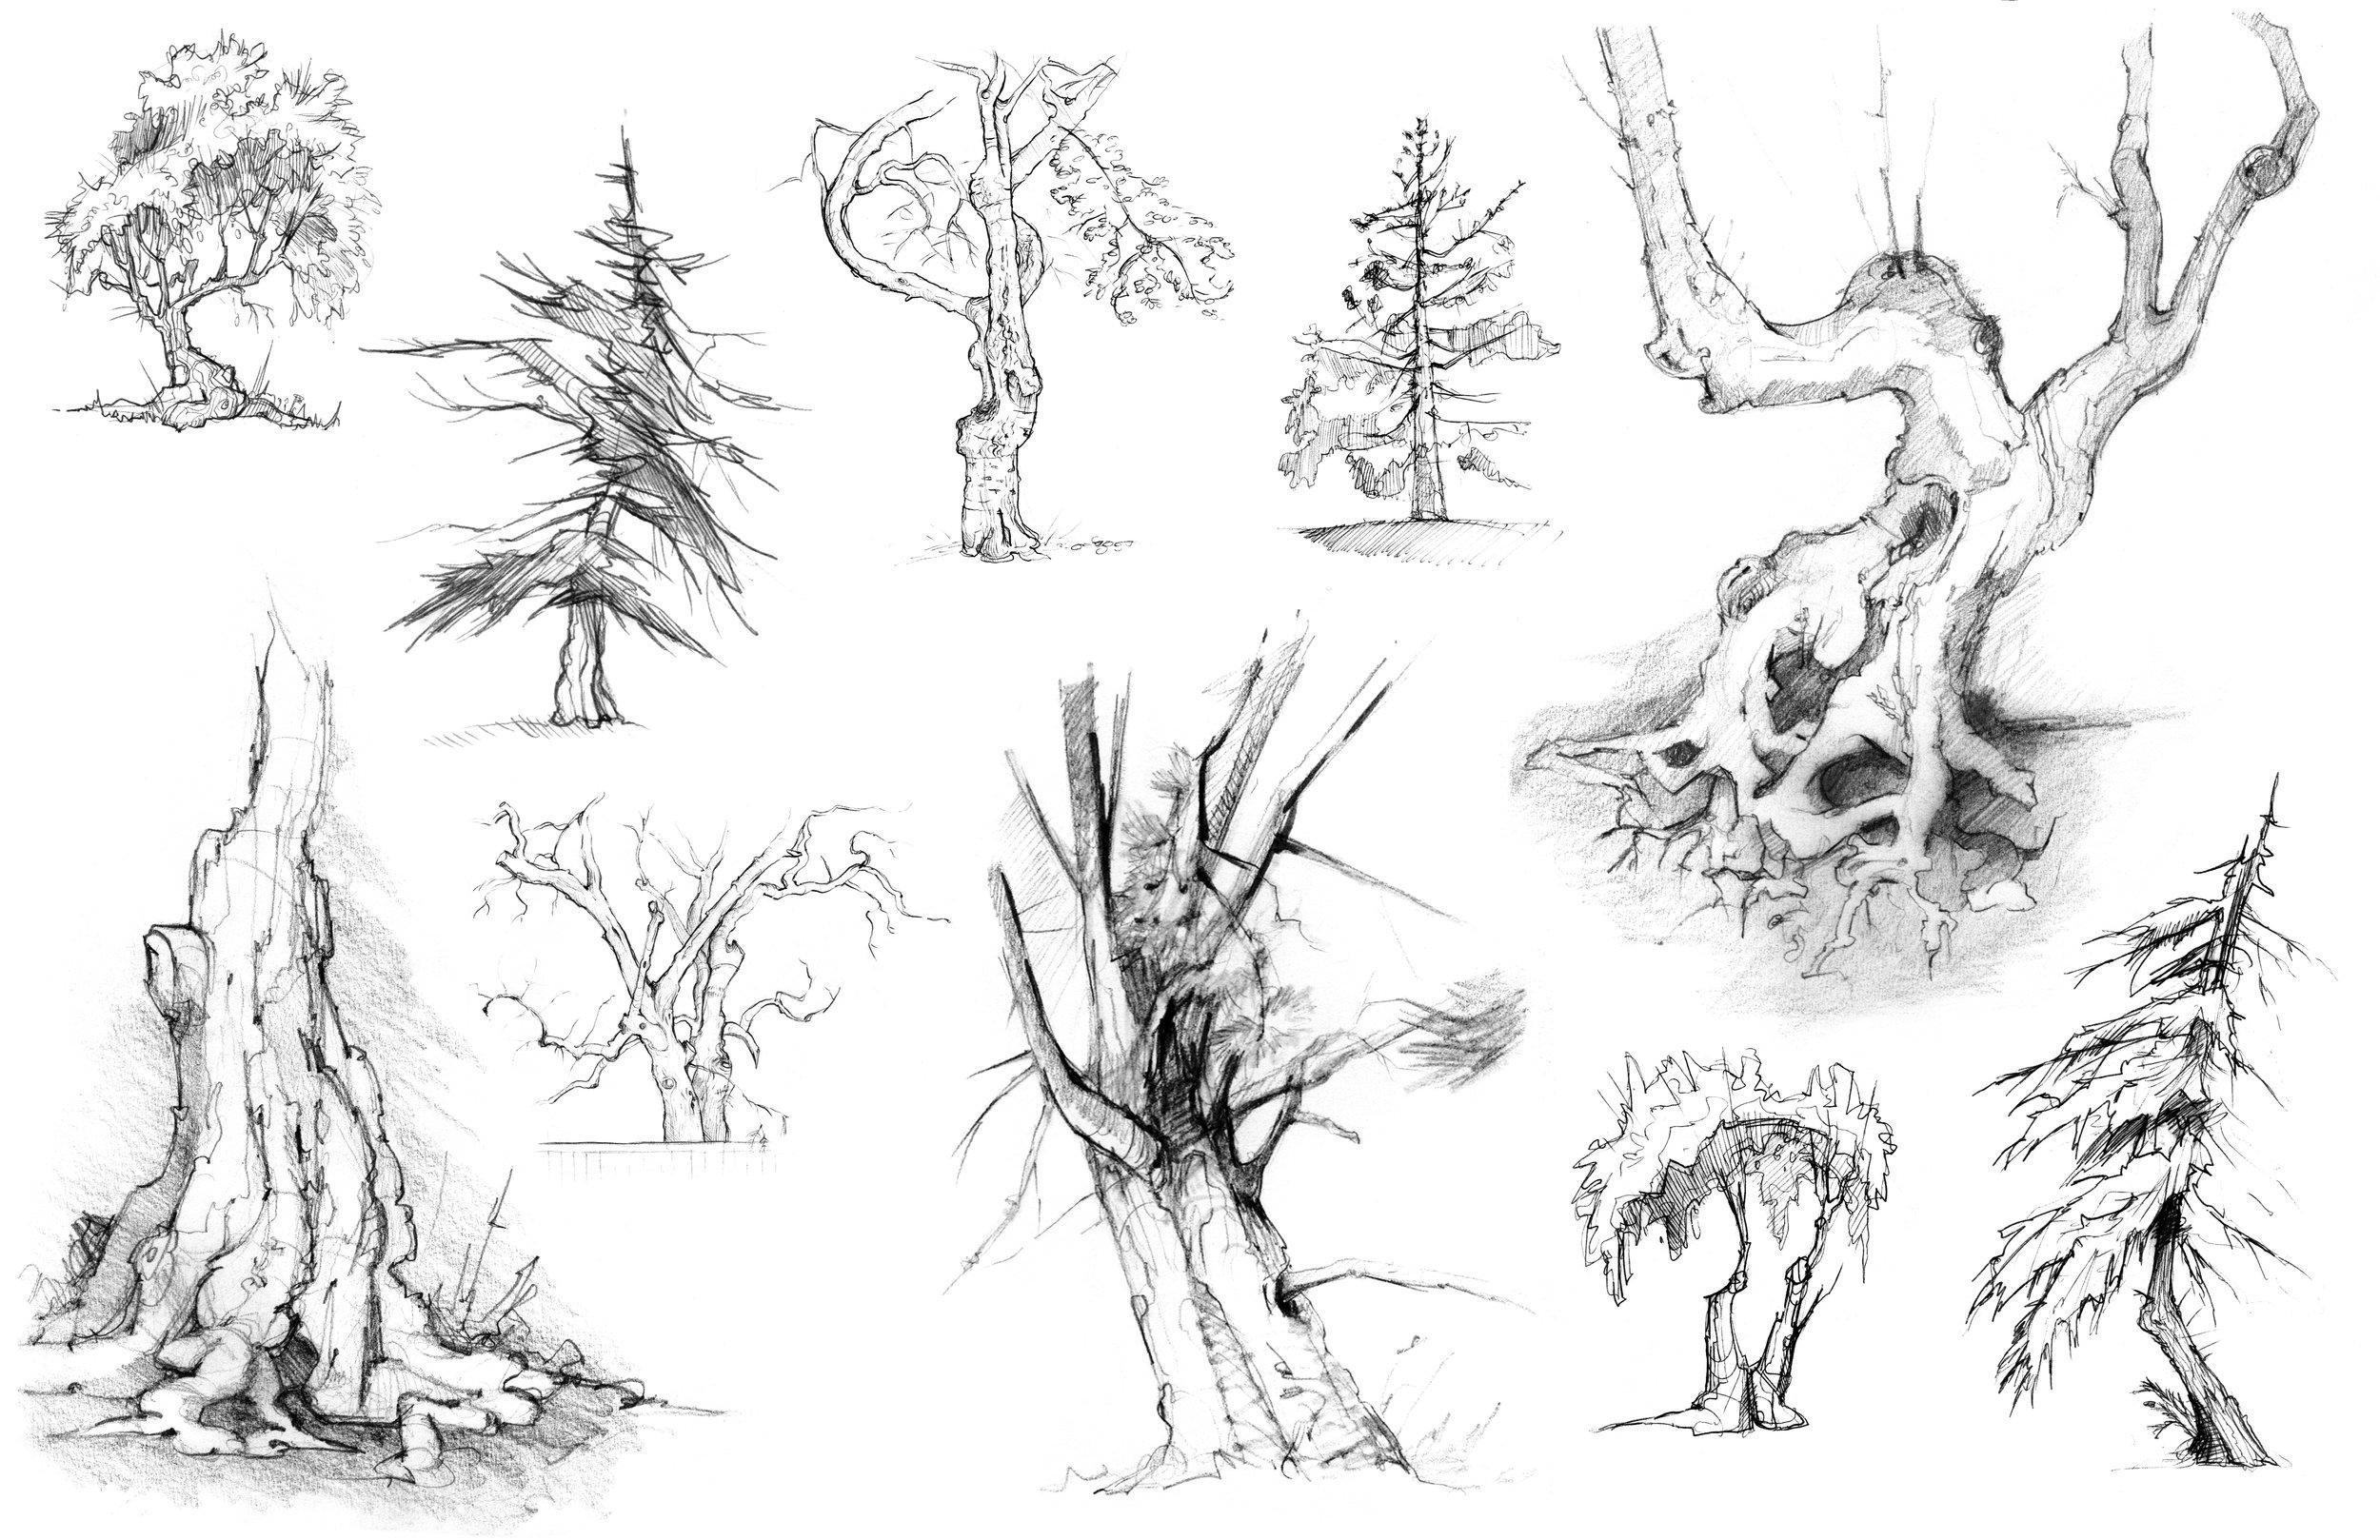 sketchbook_pages_2.jpg